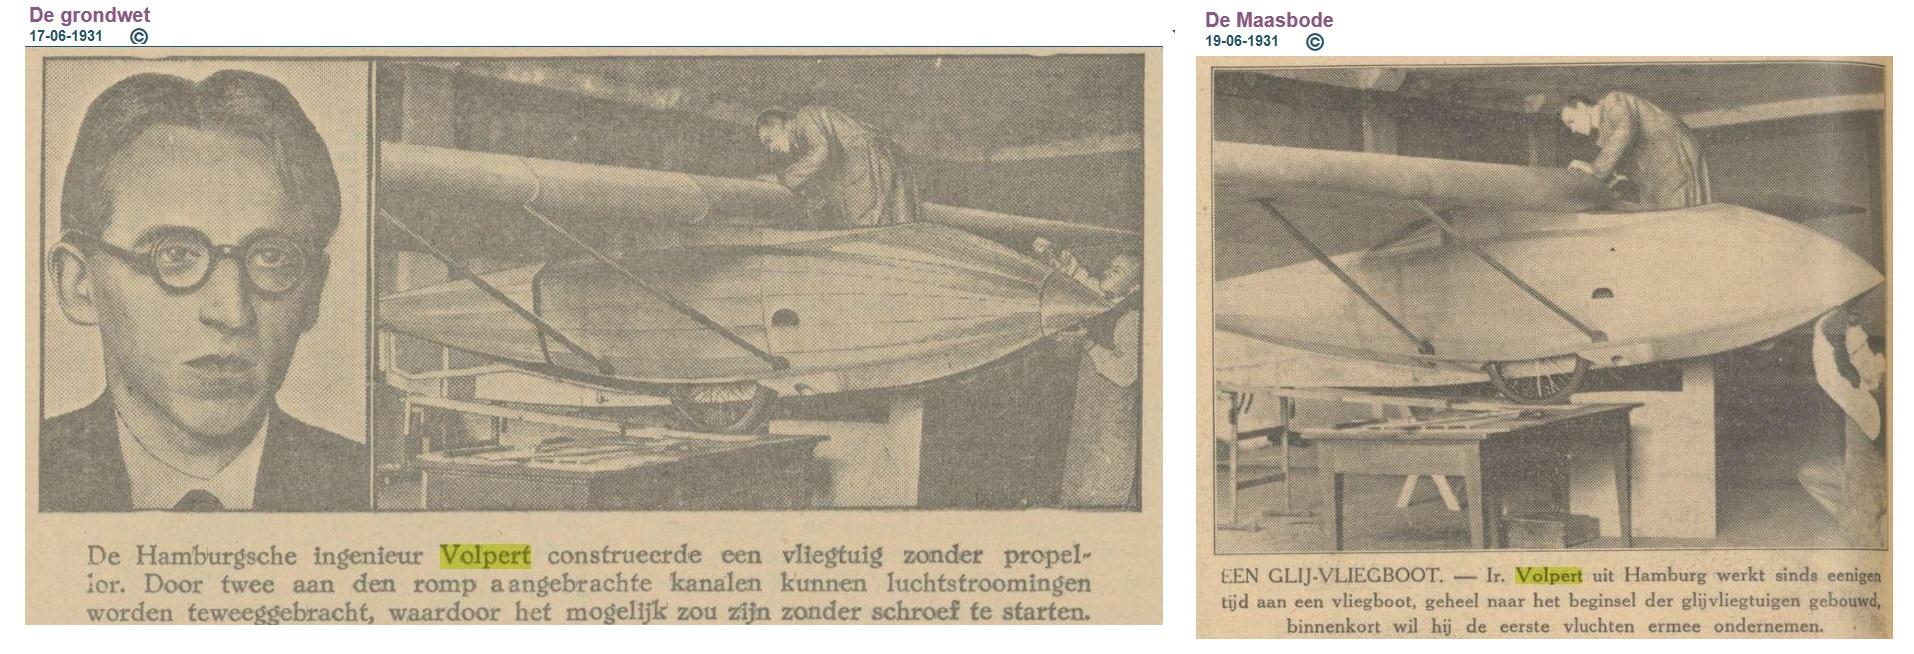 Naam: Volpert 1931.jpg Bekeken: 166 Grootte: 475,5 KB